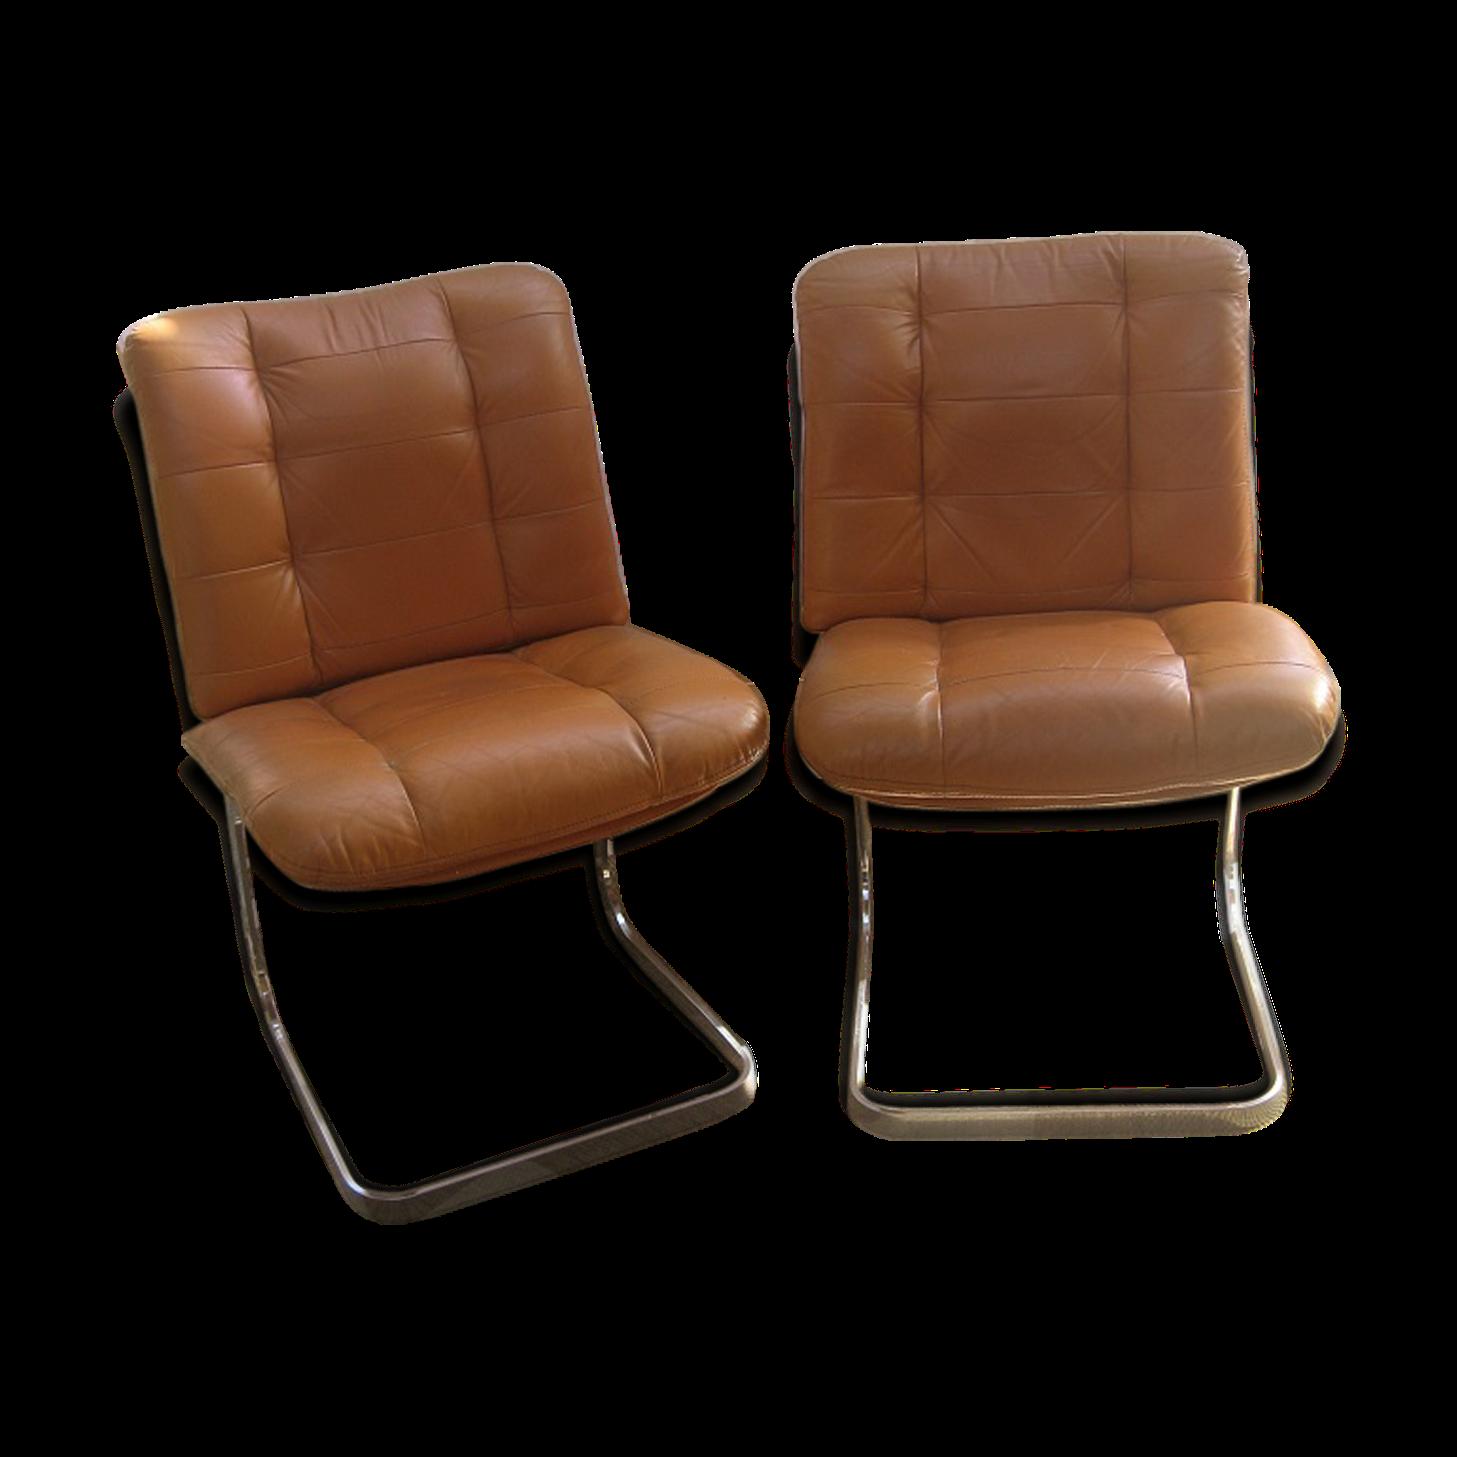 roche bobois chaise interesting stunning incroyable roche et bobois chaises salle manger design. Black Bedroom Furniture Sets. Home Design Ideas